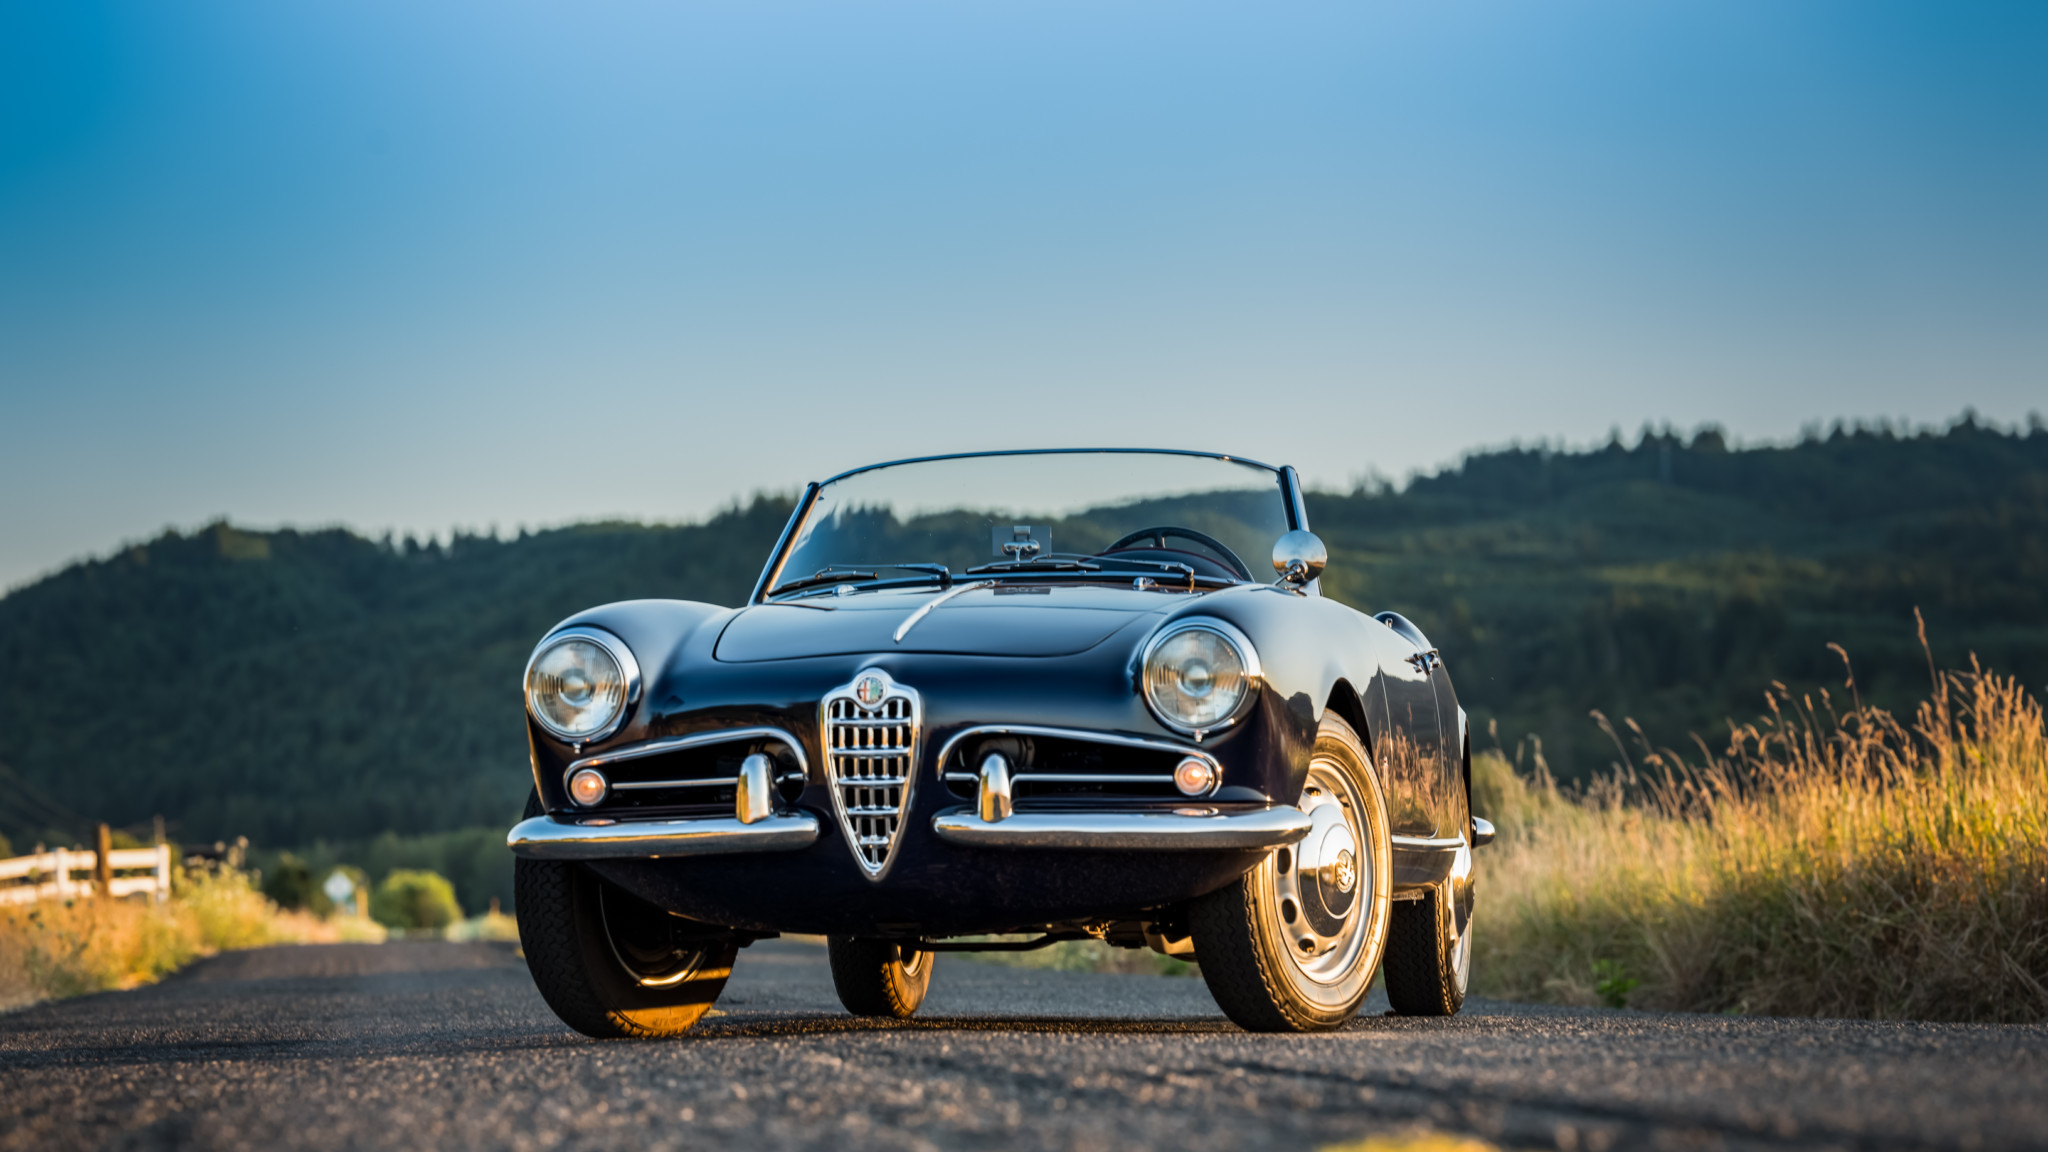 1956 Alfa Romeo Giulietta Spider Papel De Parede Hd Plano De Fundo 2048x1152 Id 1016098 Wallpaper Abyss